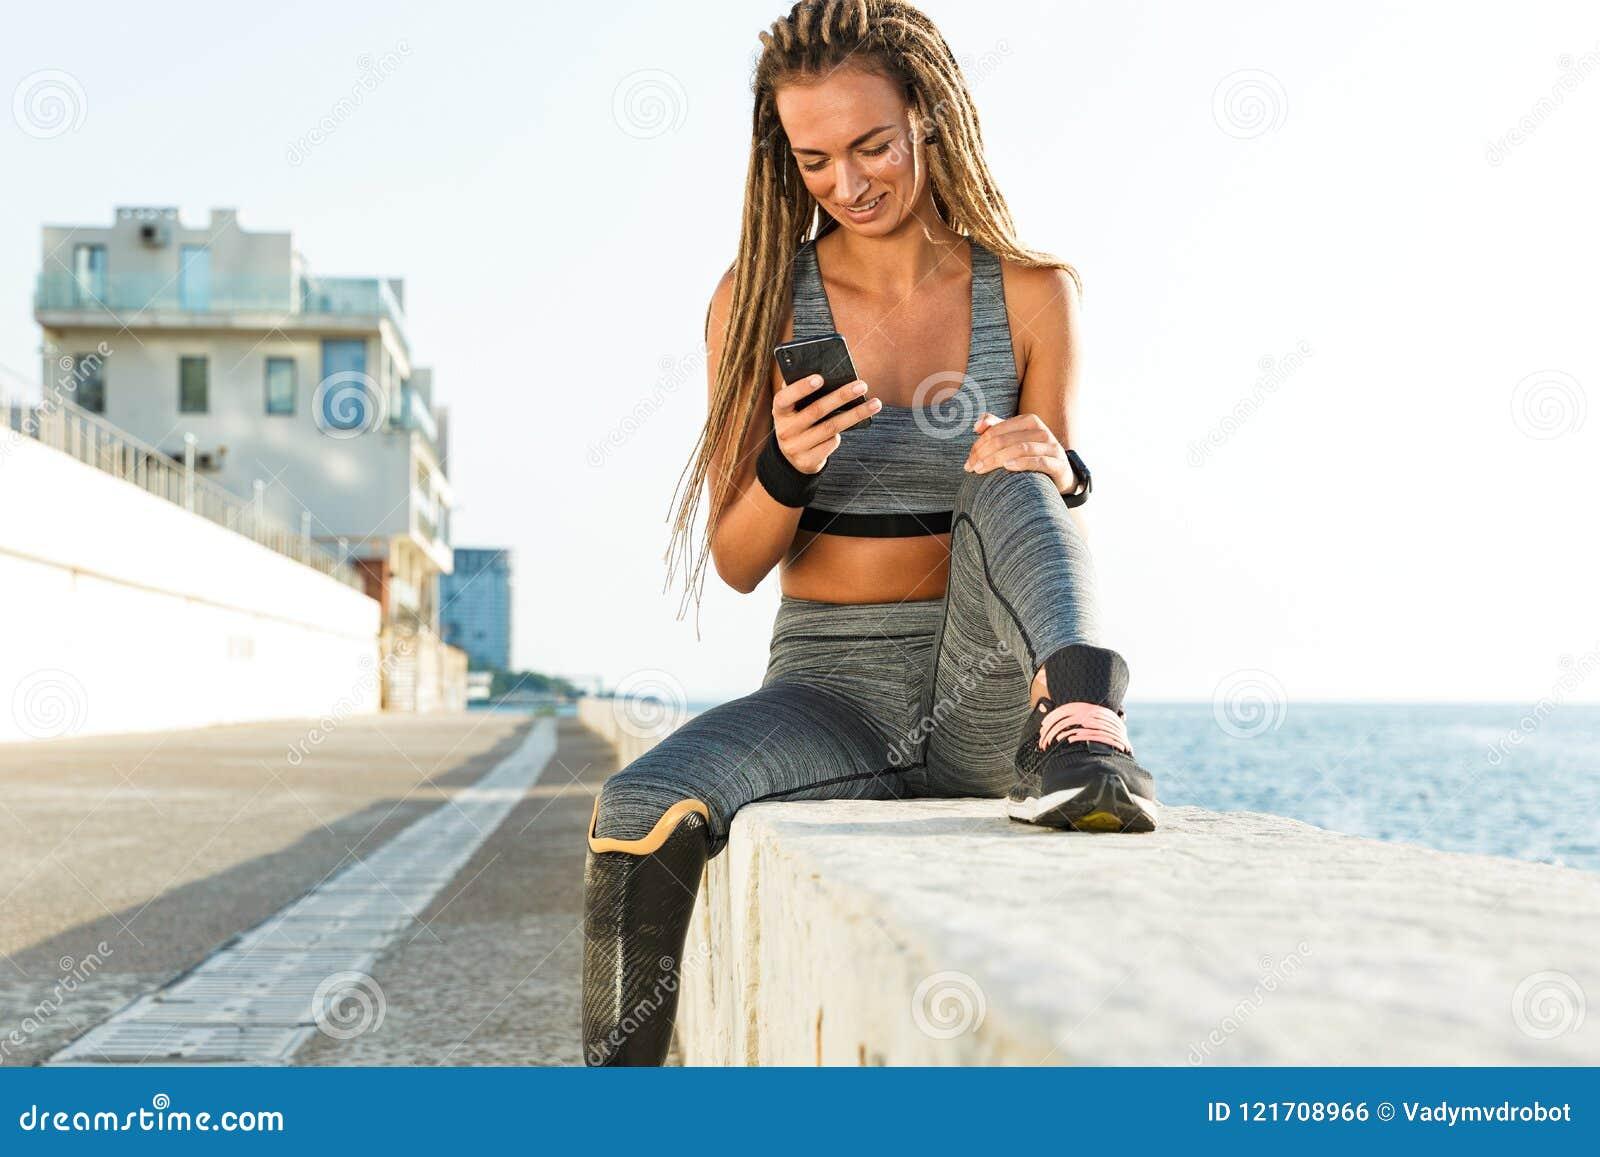 Mulher deficiente de sorriso do atleta com pé protético